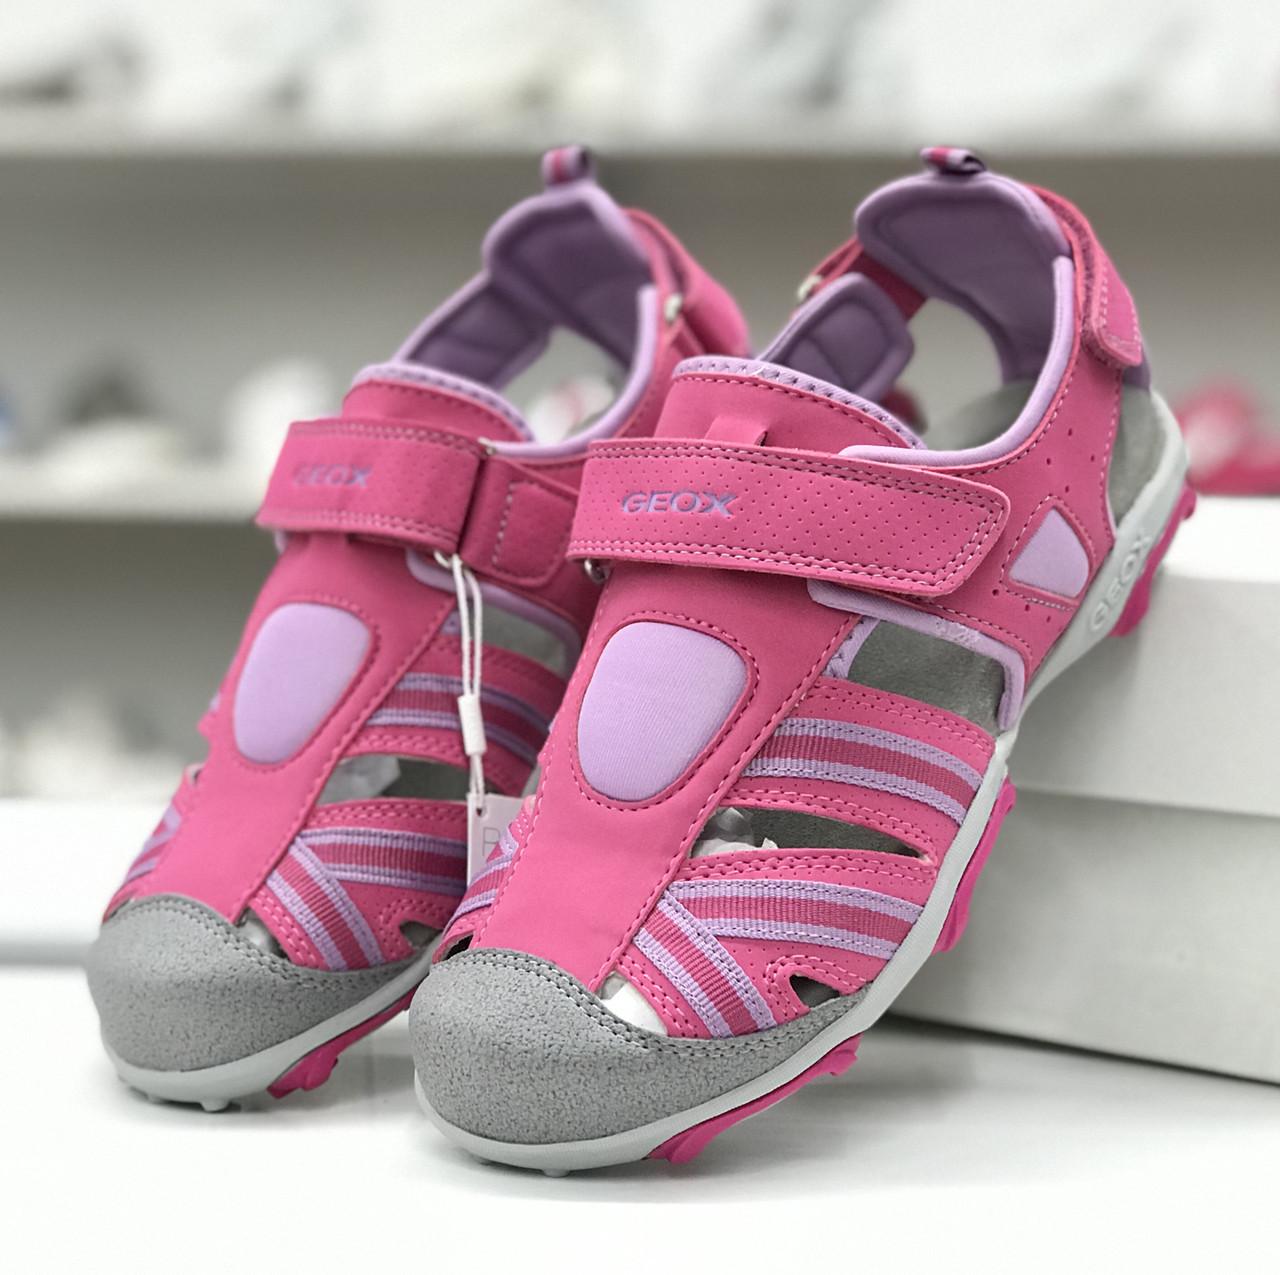 83a6de4c44be Сандали женские Geox (Италия) р 35, женская летняя обувь